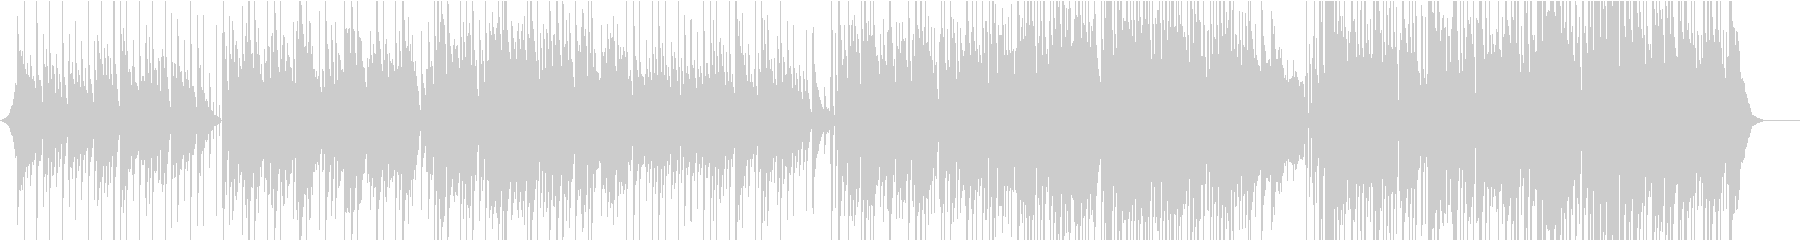 ノラジョーンズ風、スローピアノバラード曲の未再生の波形